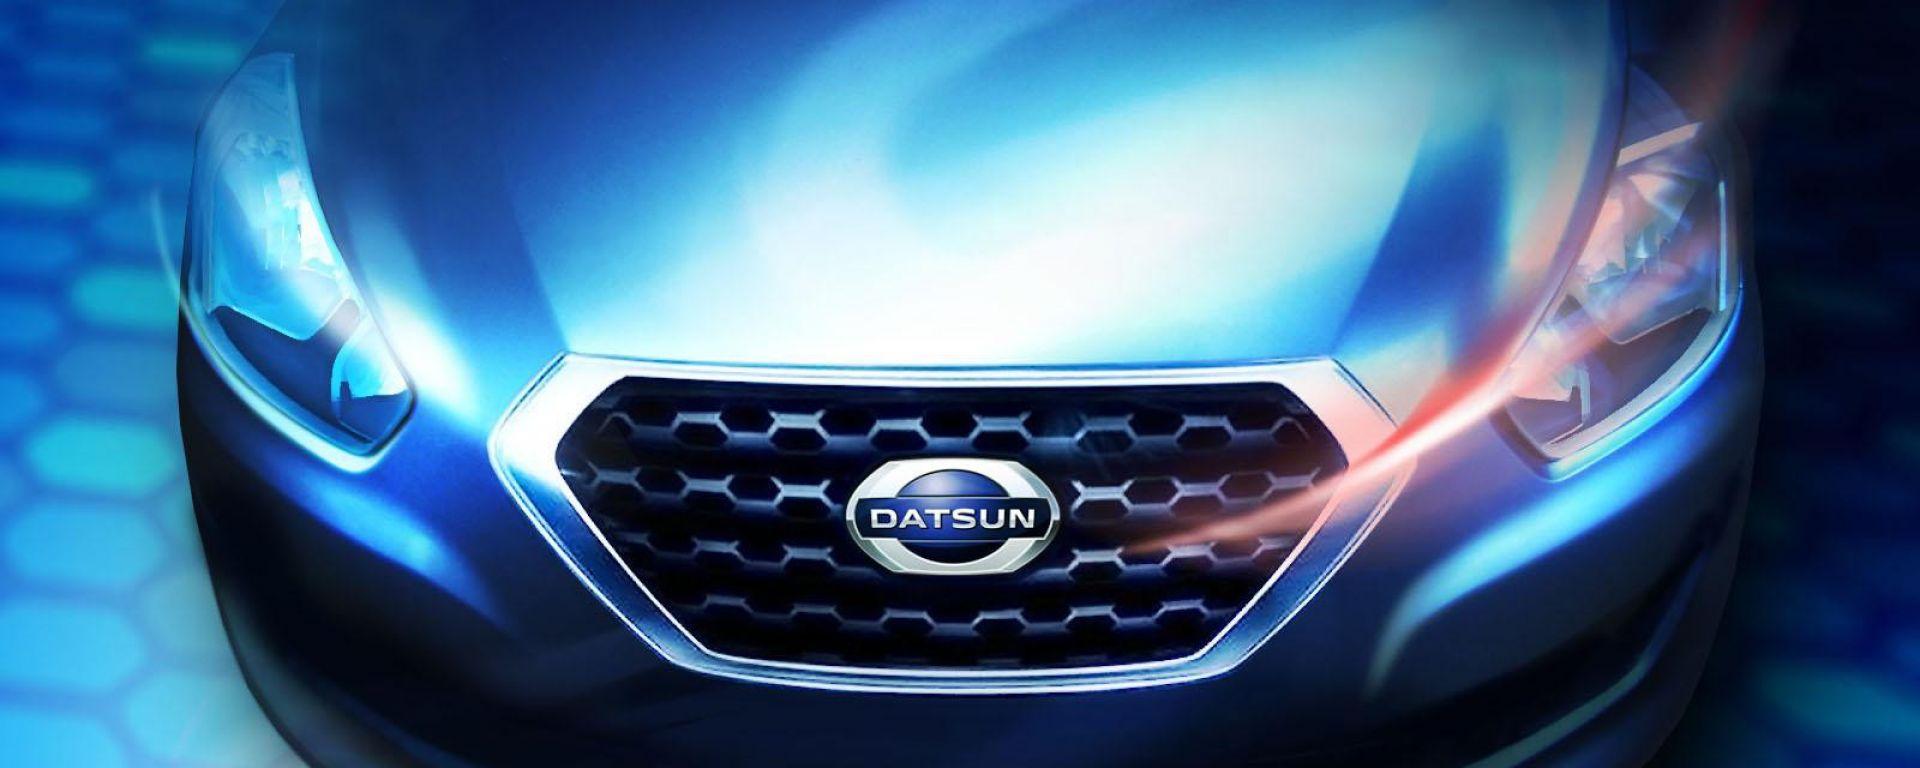 Datsun, in arrivo il primo modello